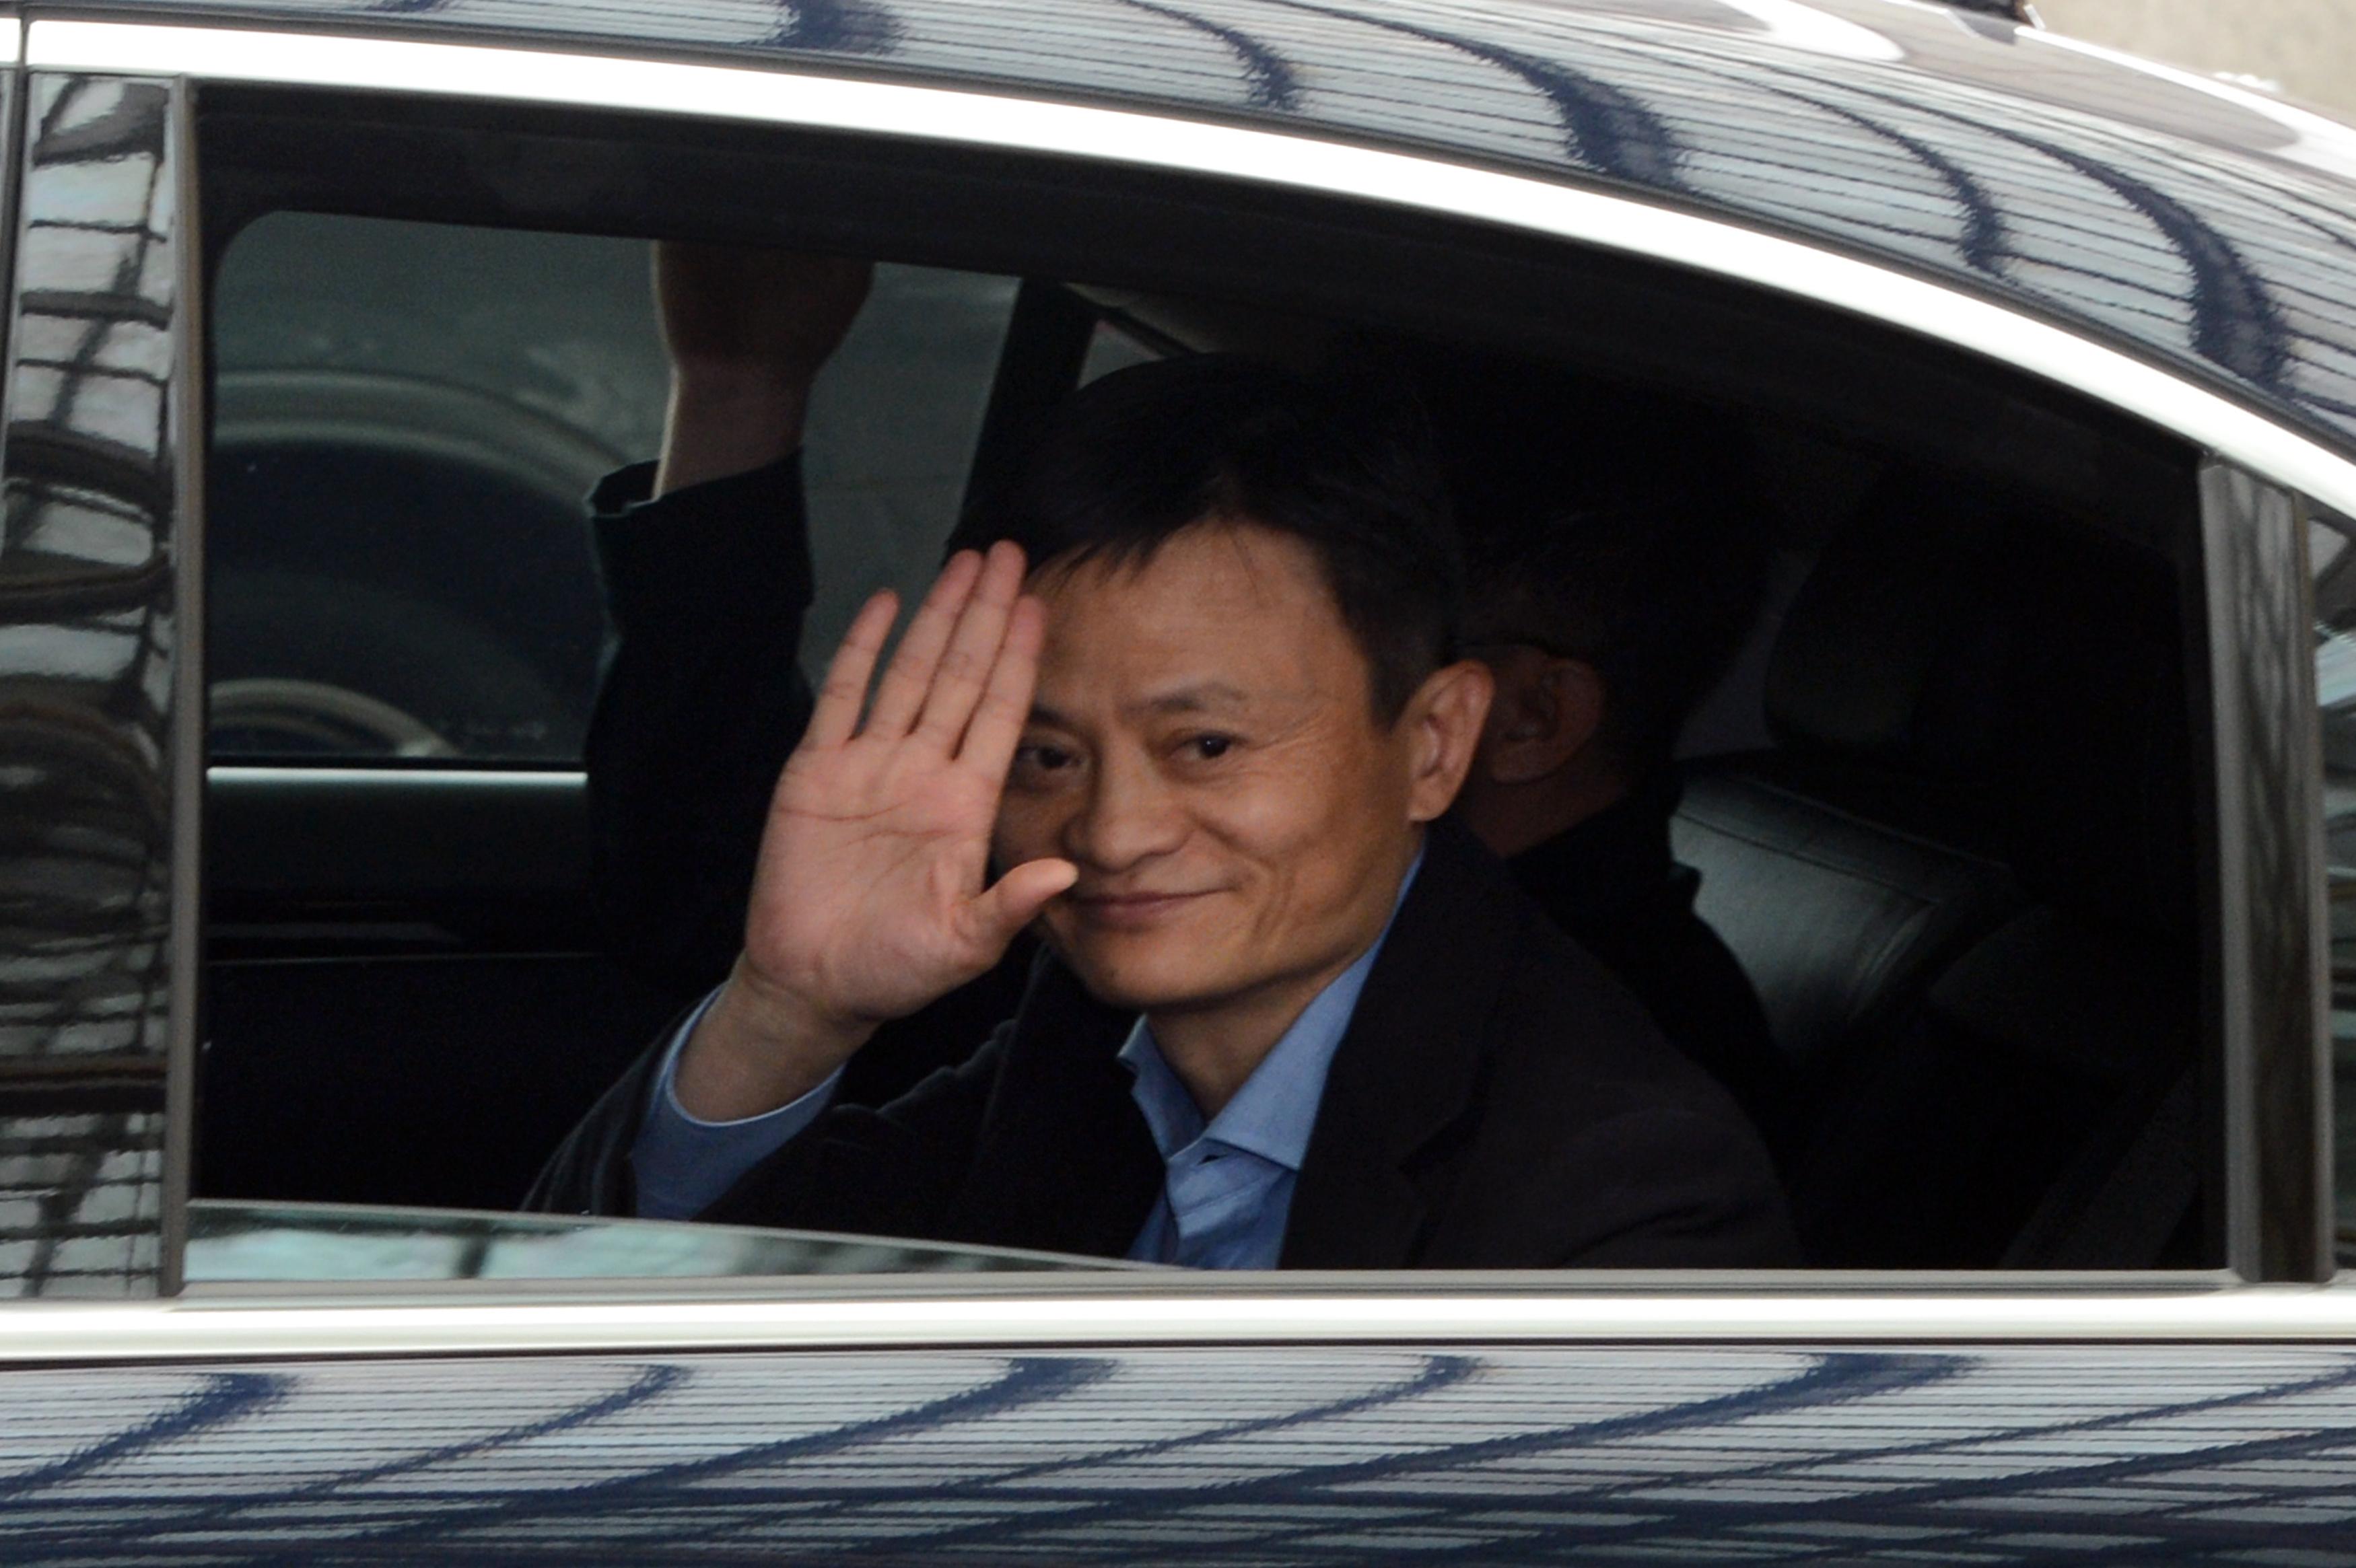 Előkerült Jack Ma, az Alibaba alapítója egy frissnek mondott videón beszél